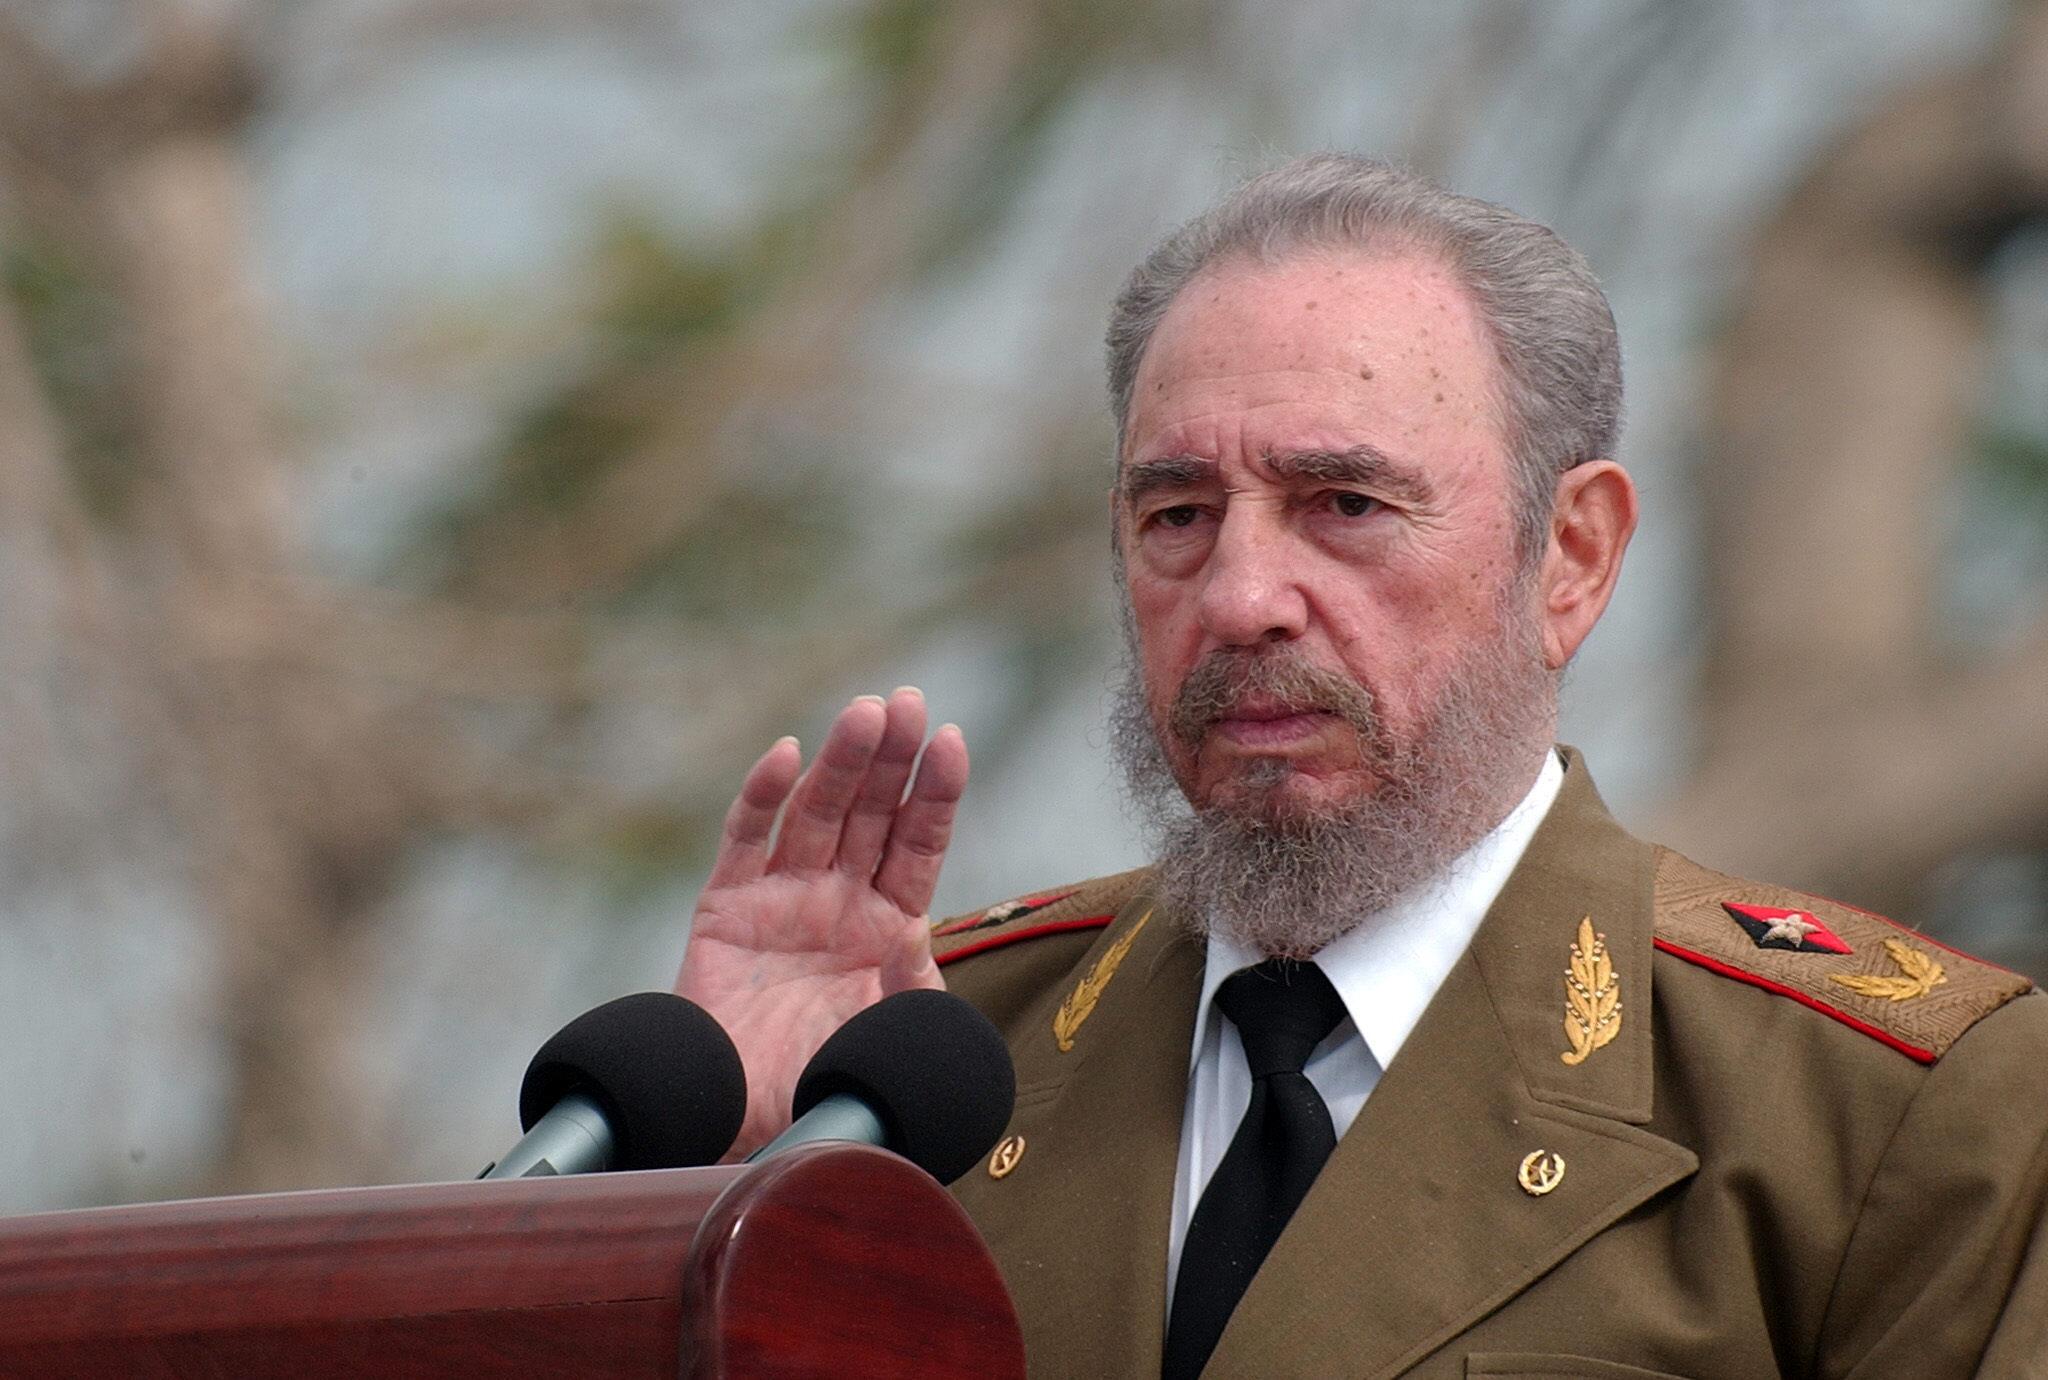 Fidel Castro todavía ostenta el récord del discurso más largo en la ONU